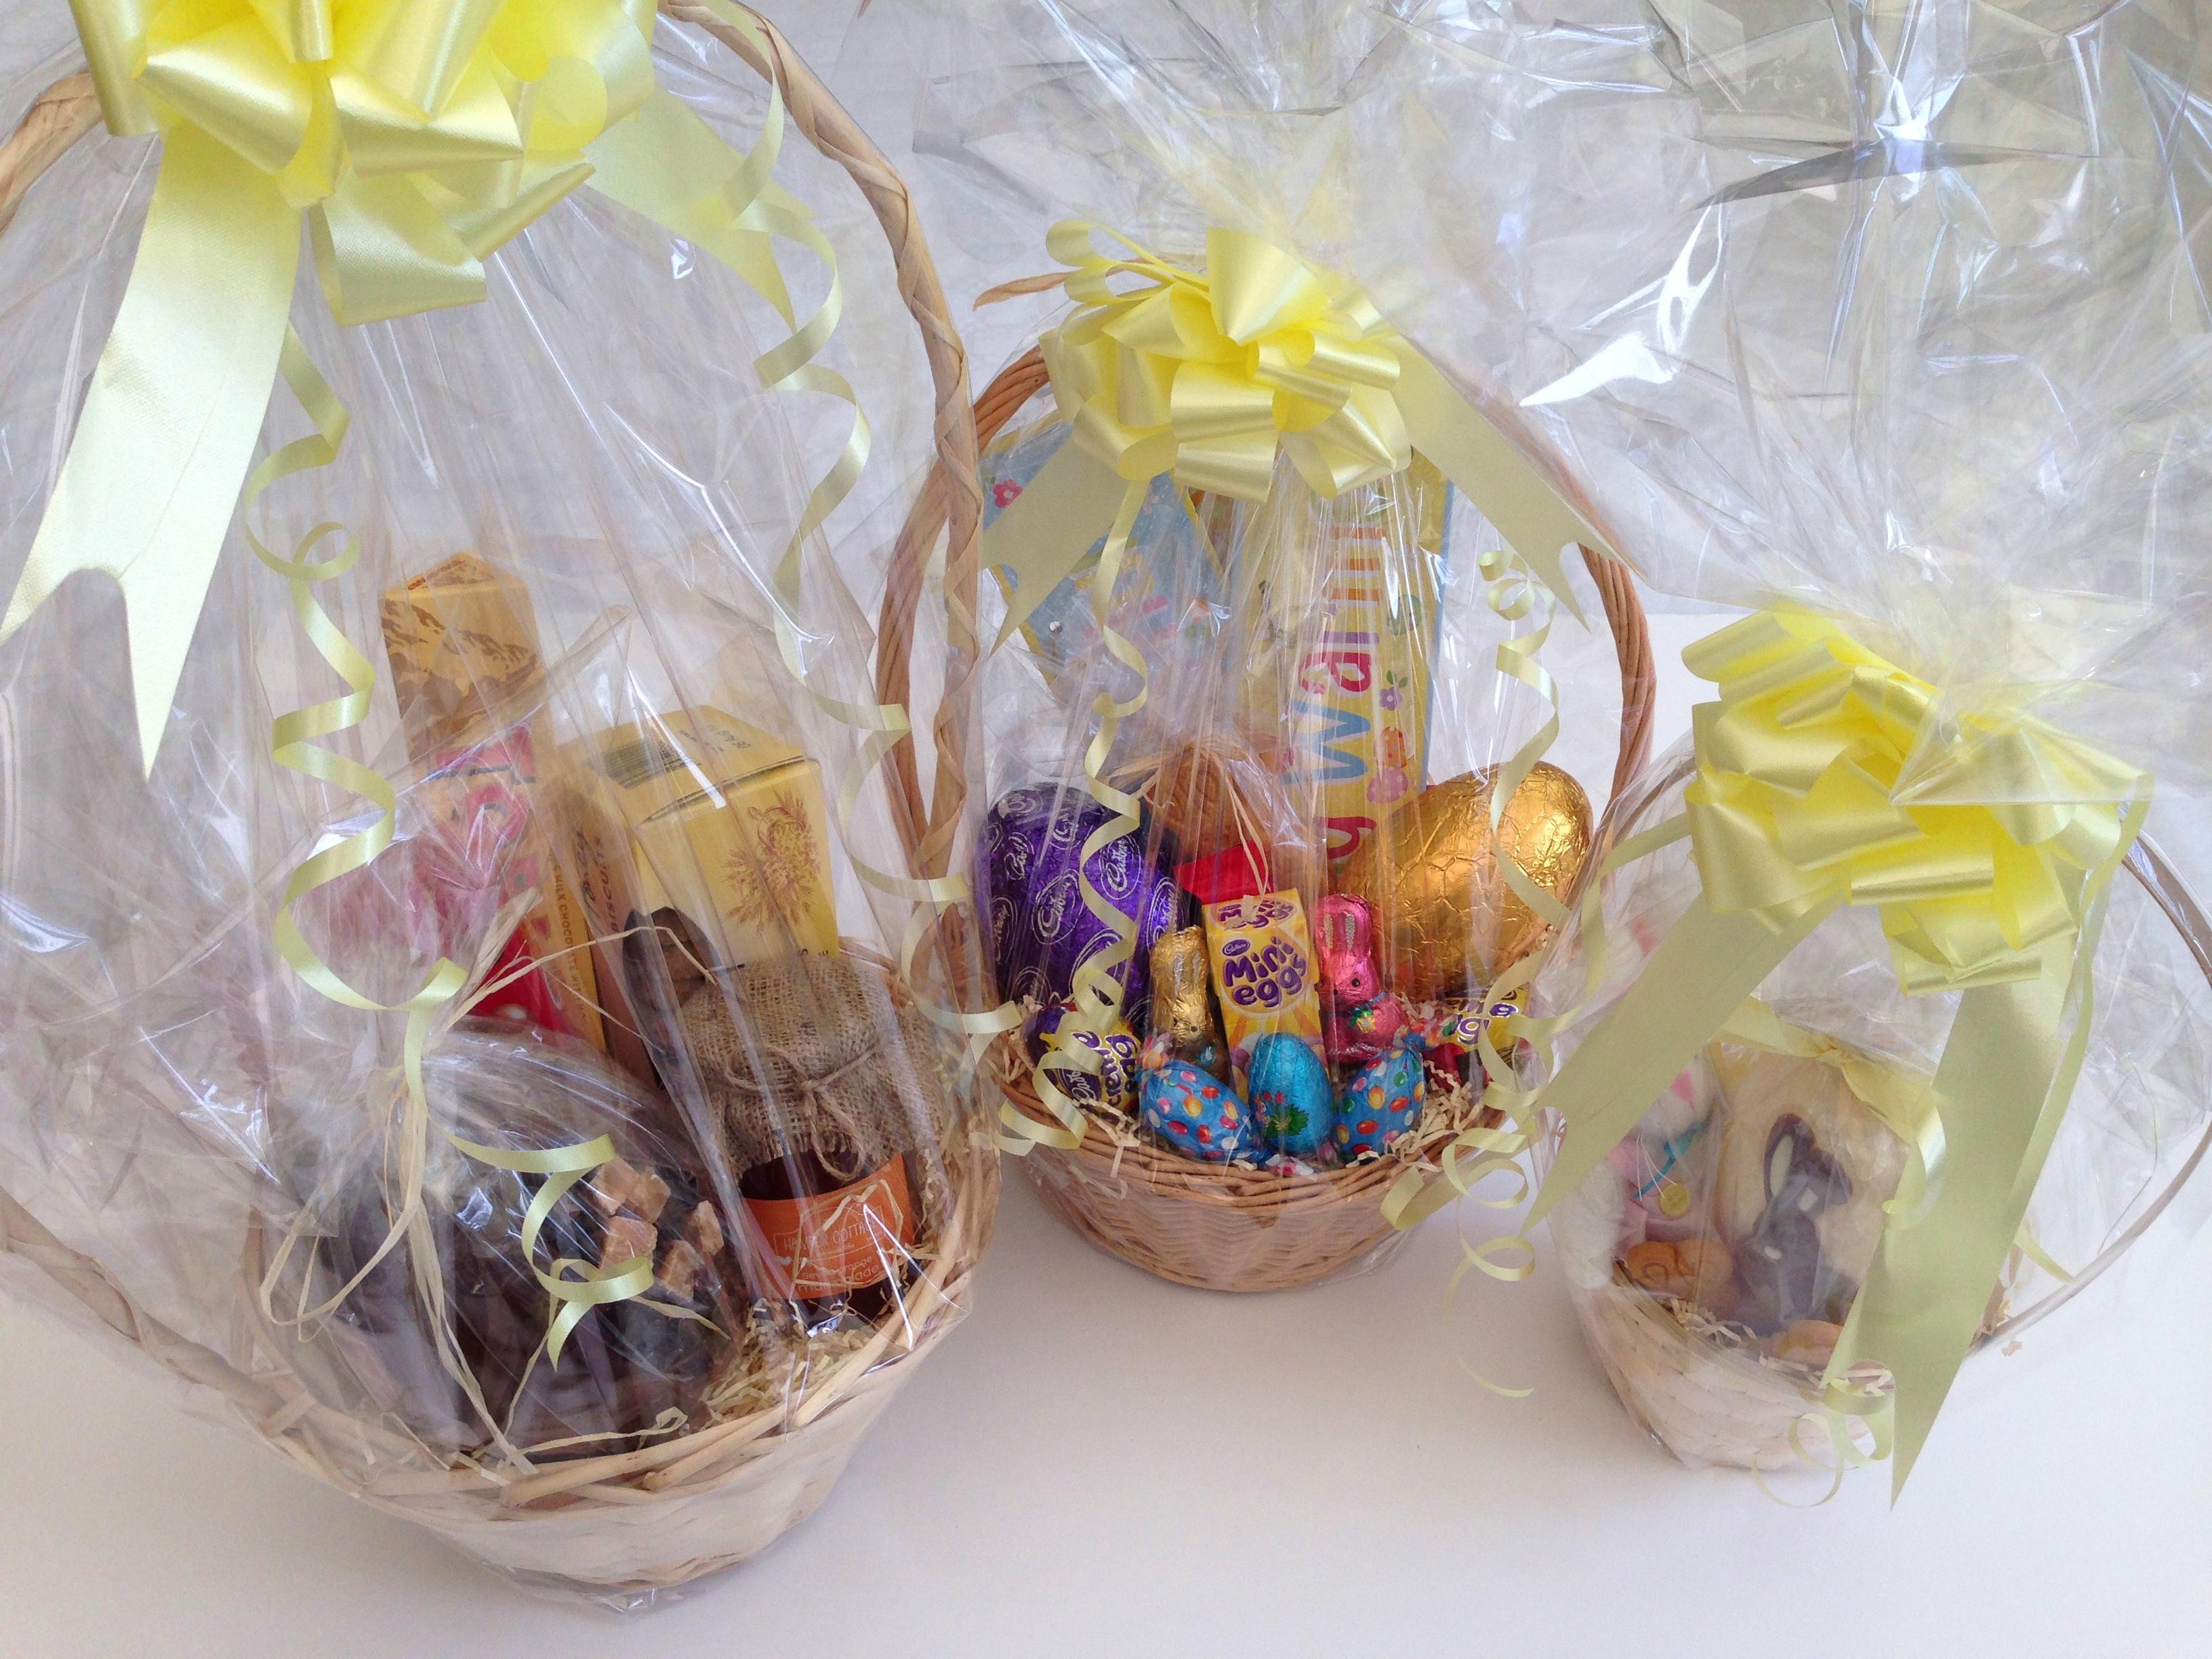 Easter gift baskets hampers uk best ideas about easter hampers on easter gift baskets hampers uk details about easter hamper various chocolate negle Images